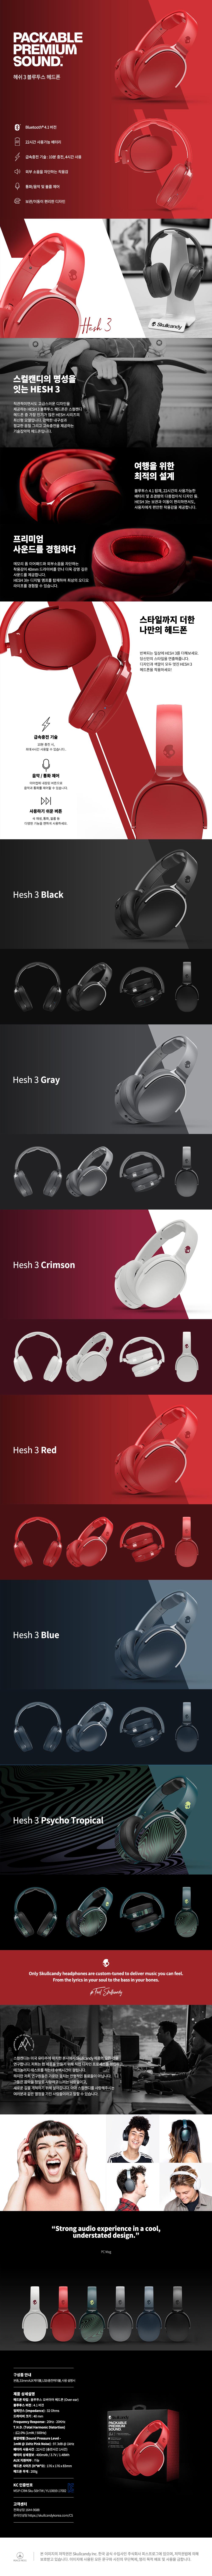 스컬캔디(SKULLCANDY) 헤쉬 3 블루투스 헤드폰/정품/Hesh 3.0 WIRELESS BT ON-EAR/공식판매점